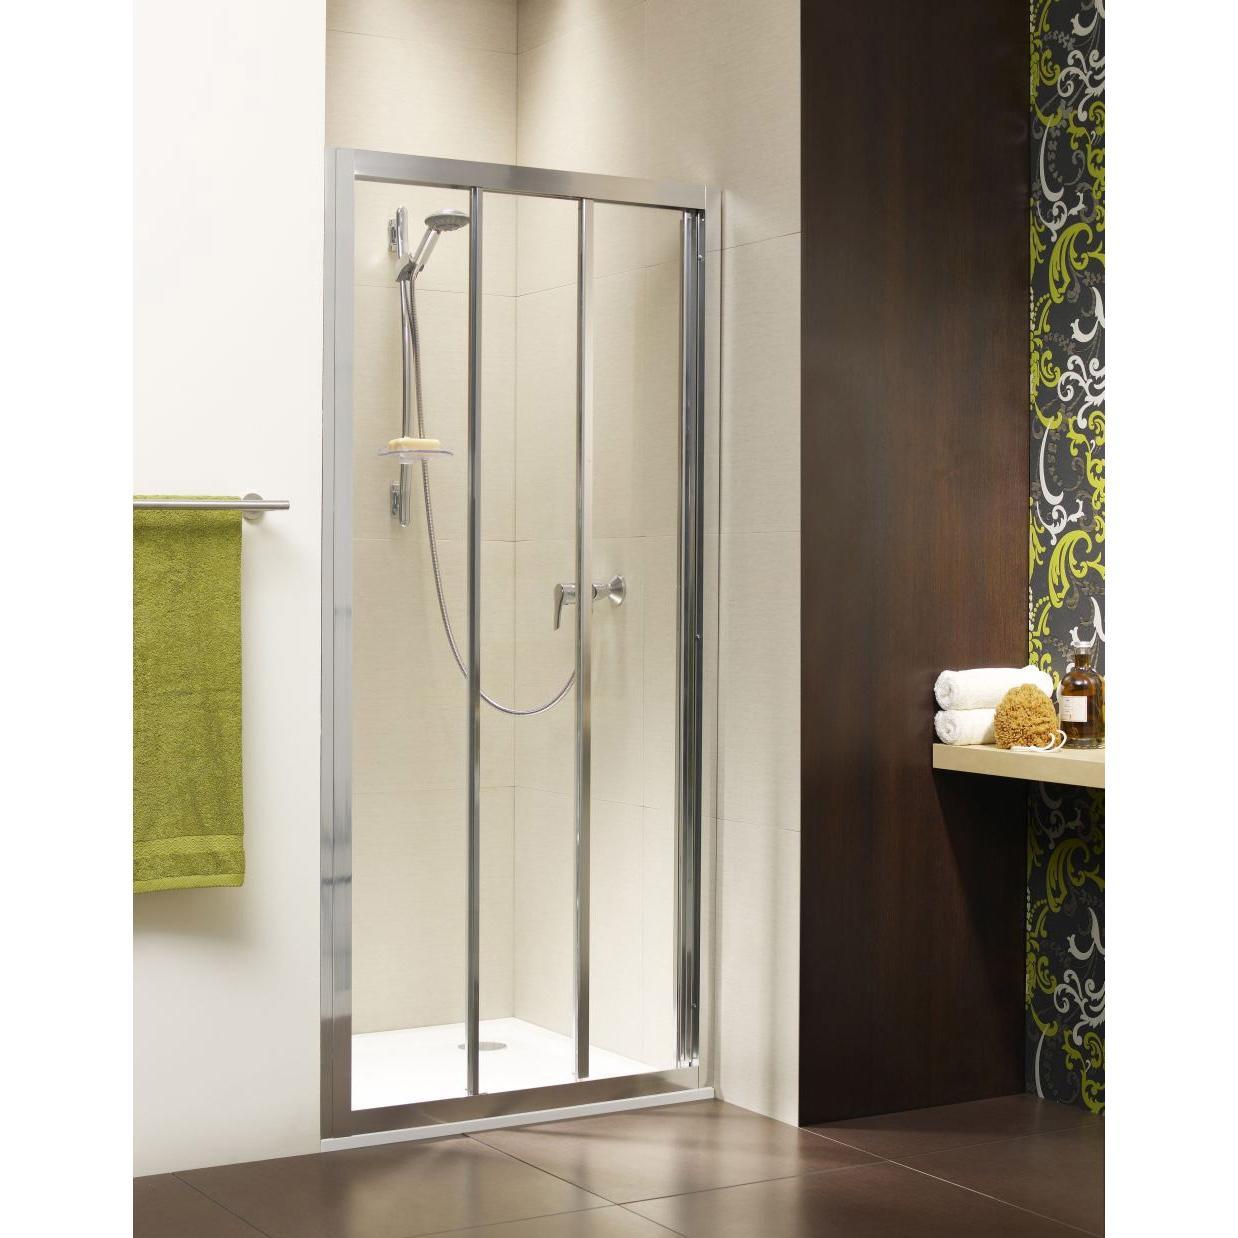 Душевая дверь Radaway Treviso DW 120 хром/прозрачное душевая дверь radaway treviso dw 100 хром коричневое